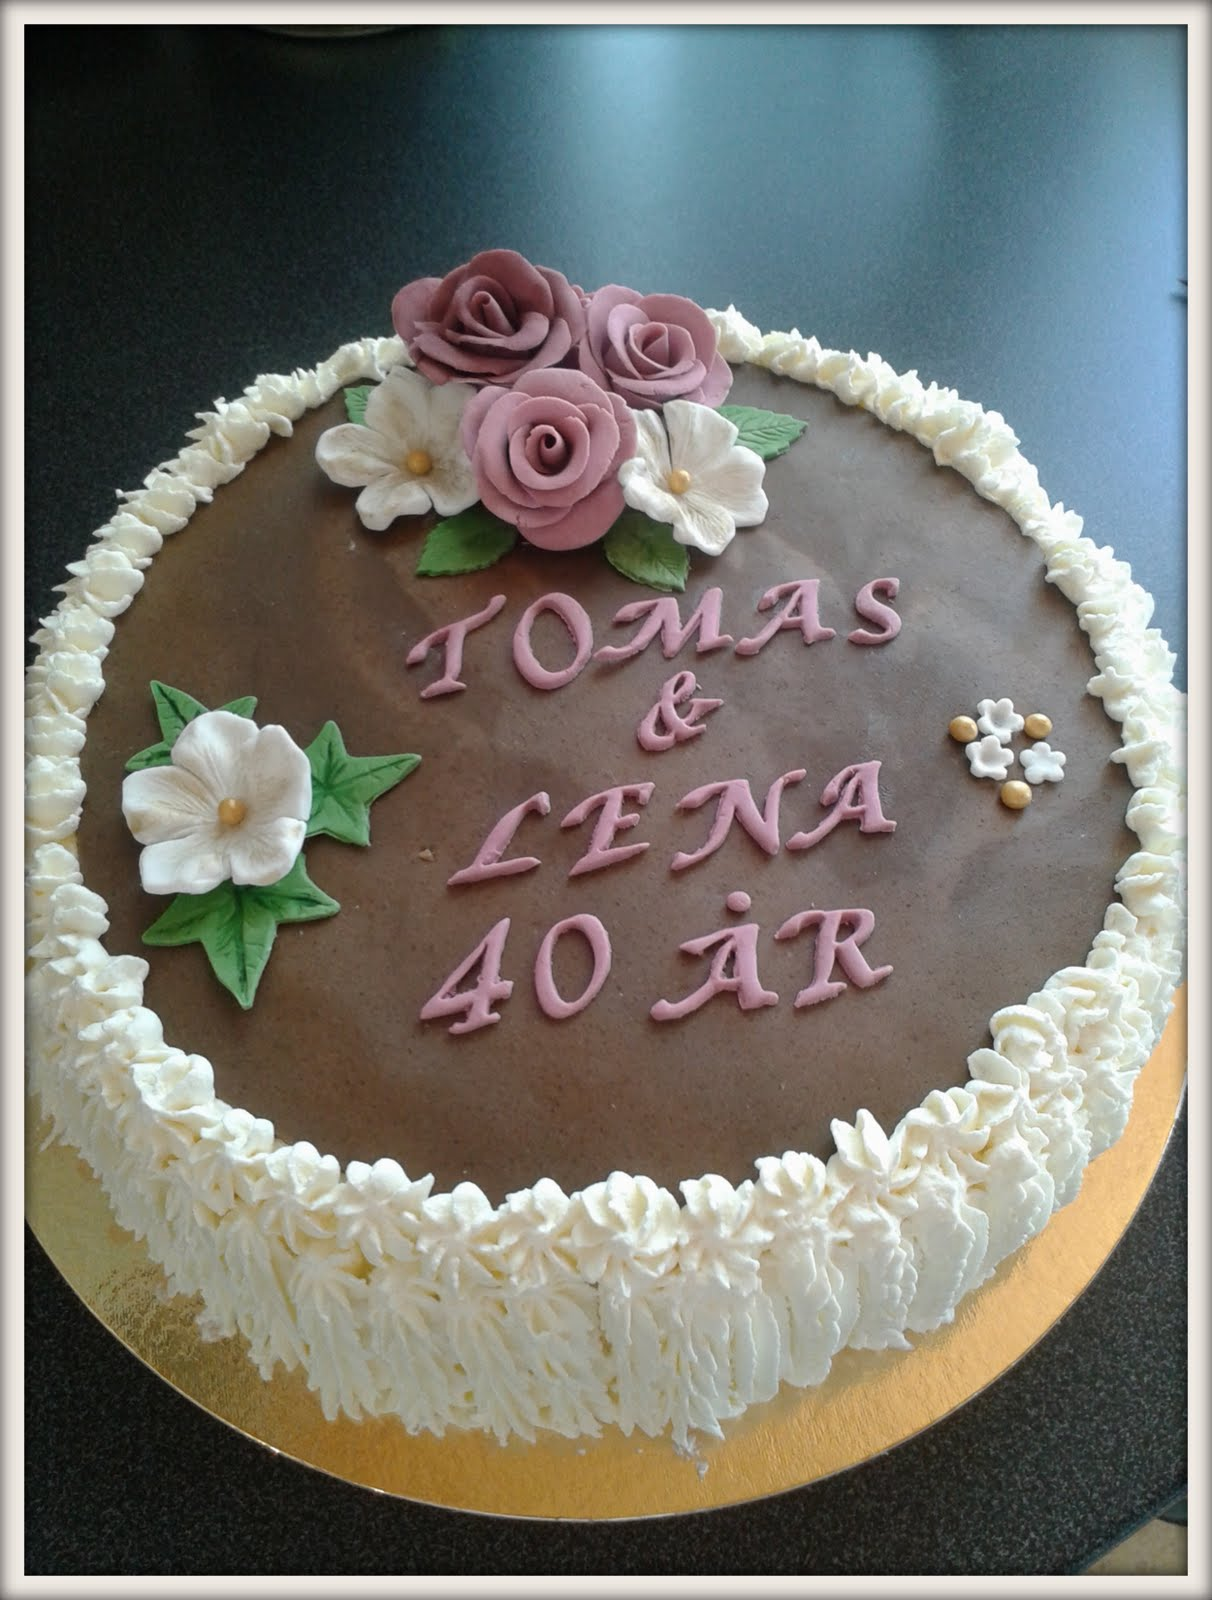 40 års kalas Milla på gärdet: Tårtor till 40 års kalas 40 års kalas